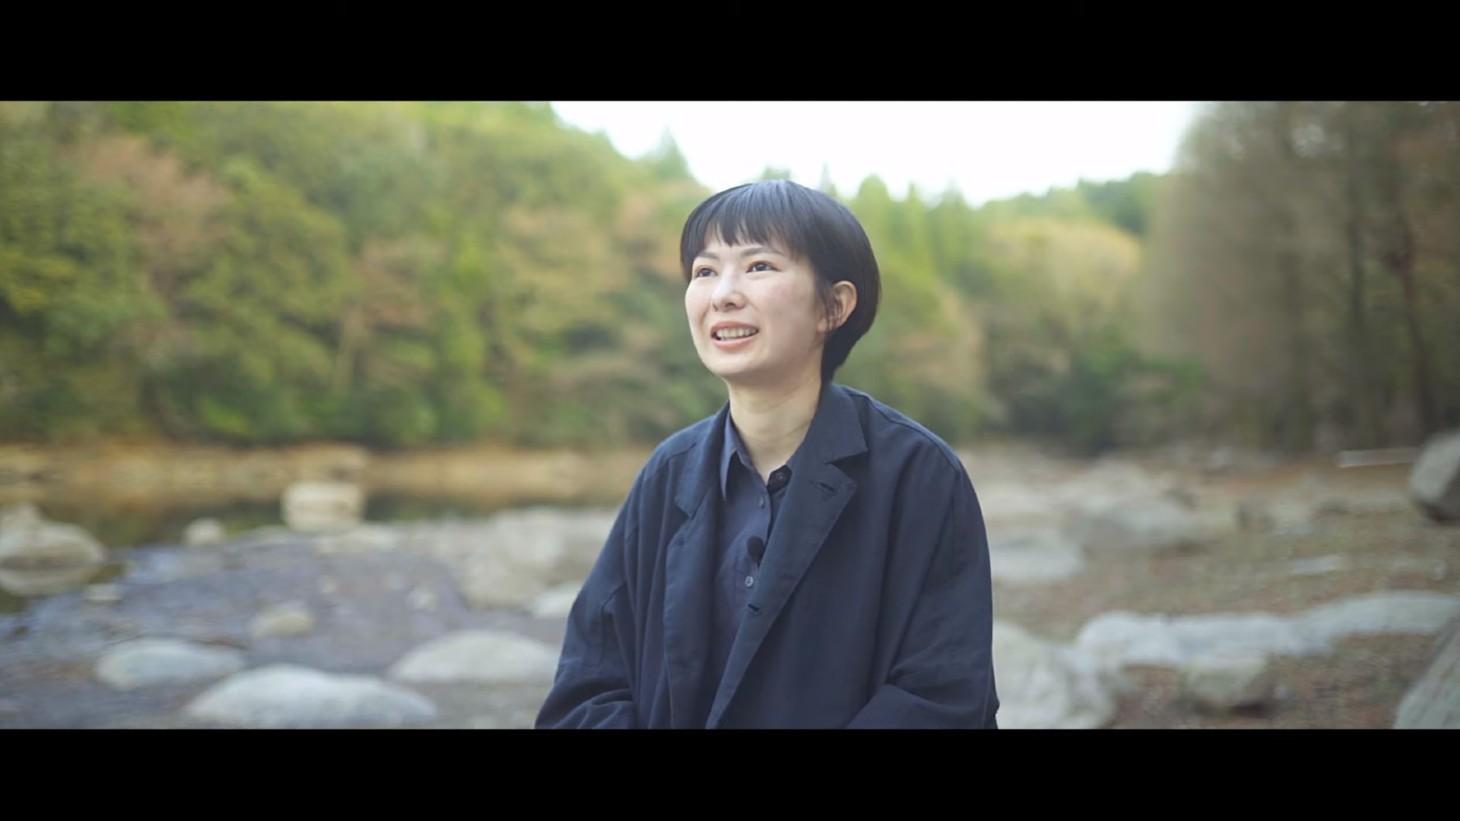 オヘソジャーナルPR動画ワンシーン